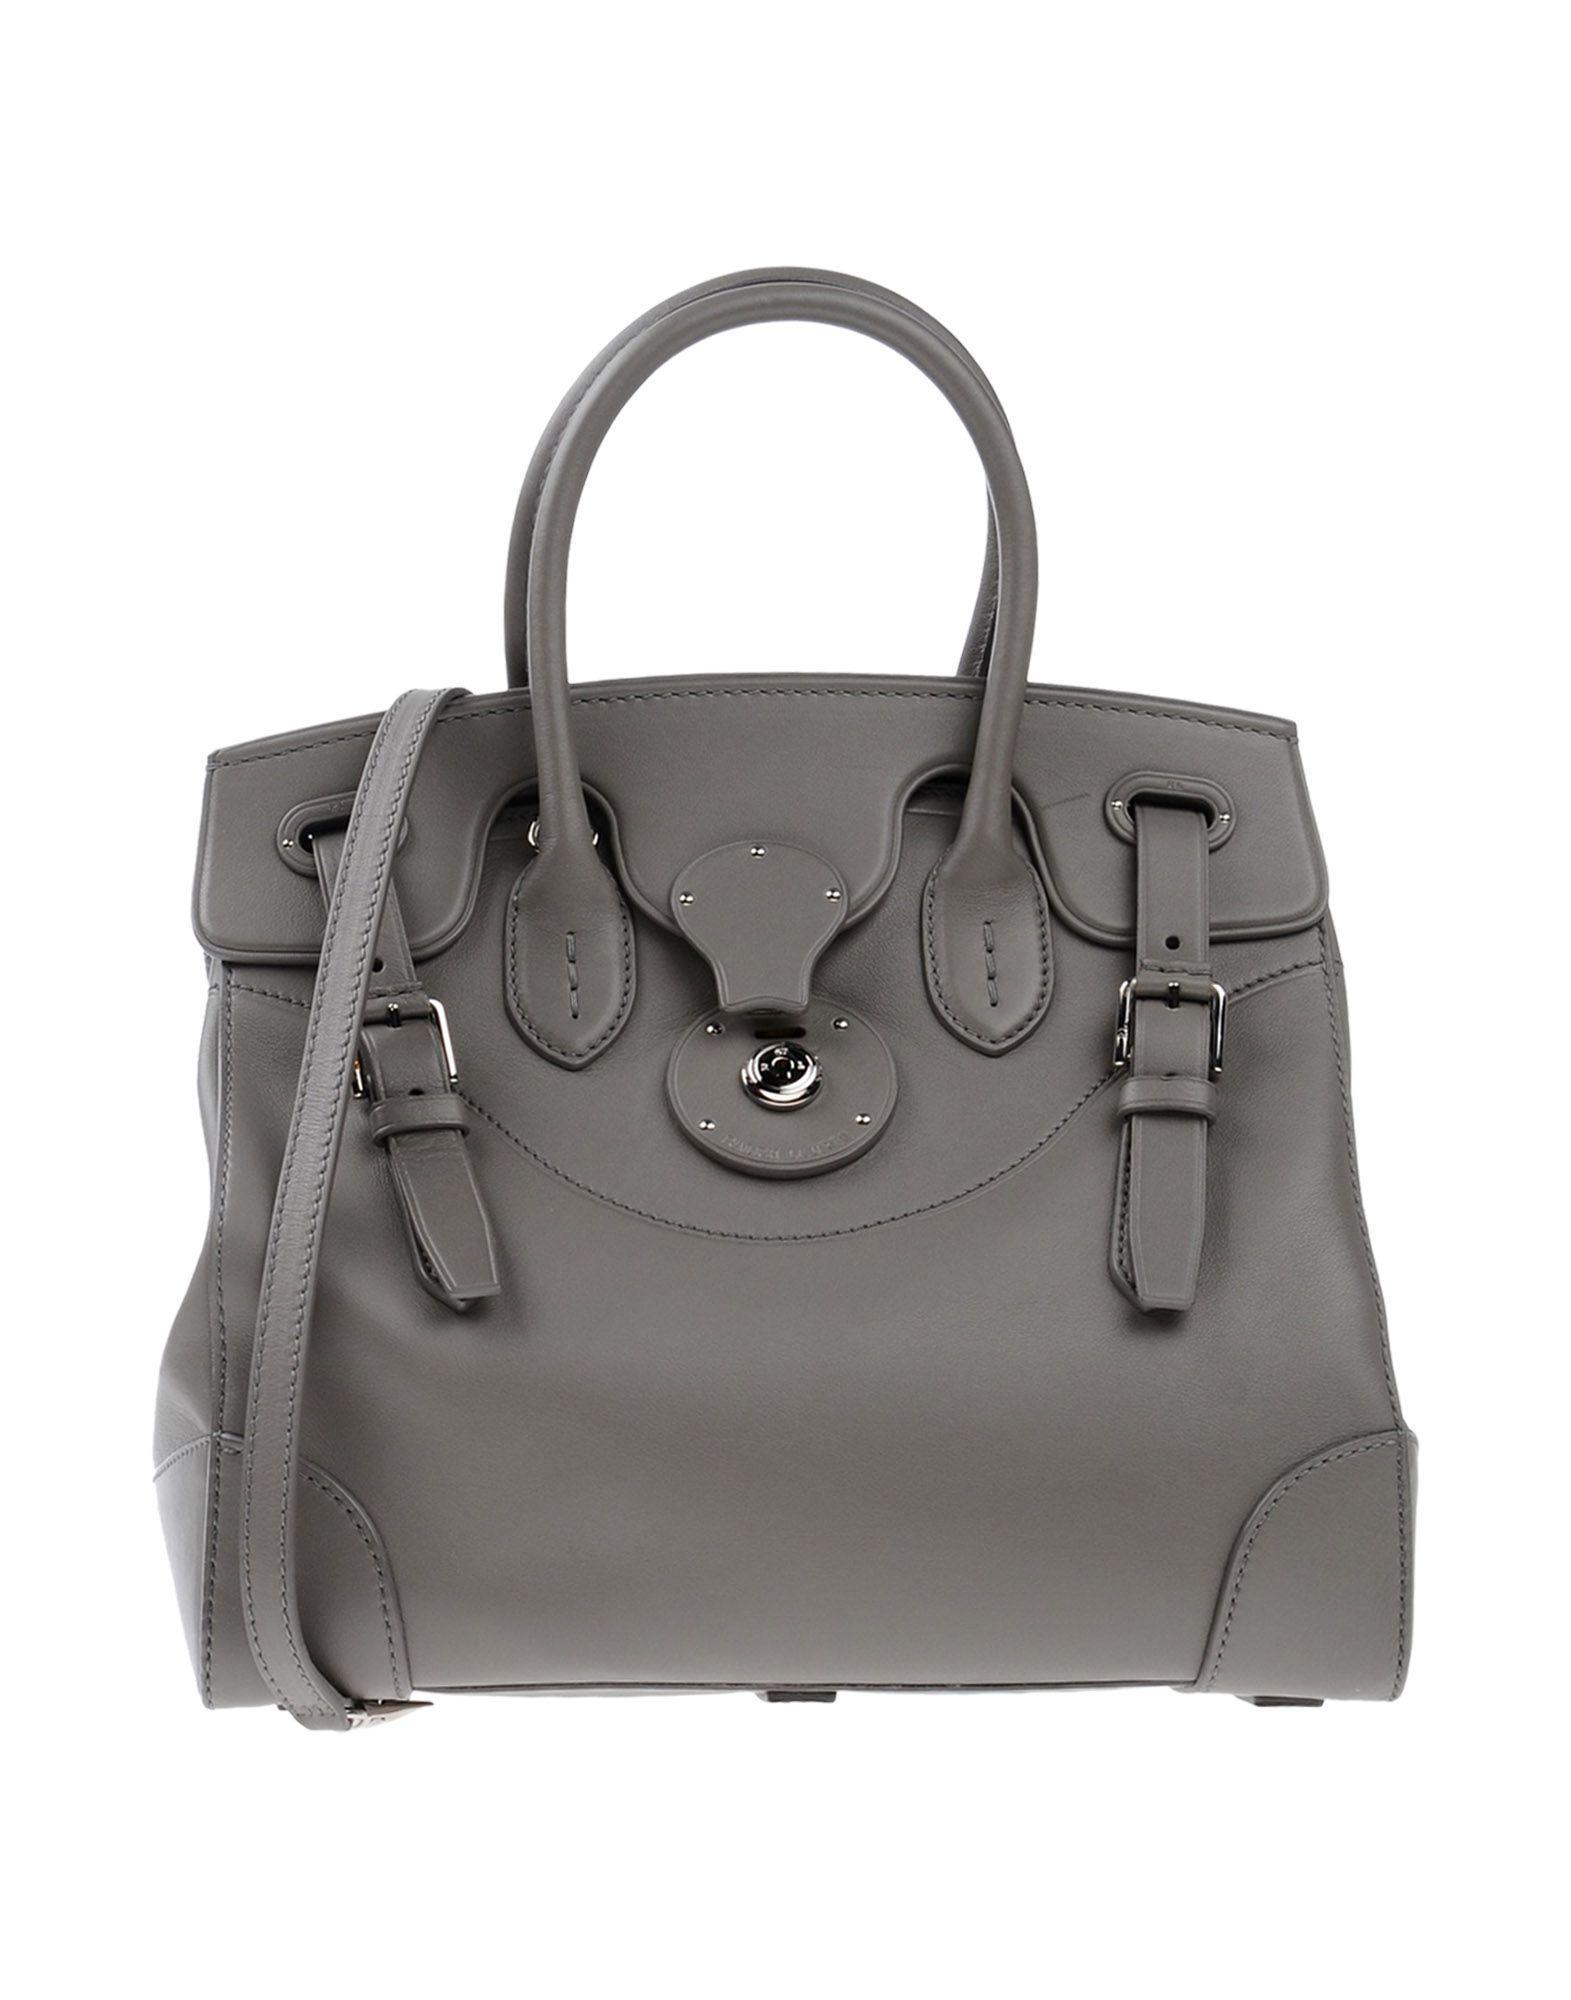 Ralph Lauren Handbags In Grey